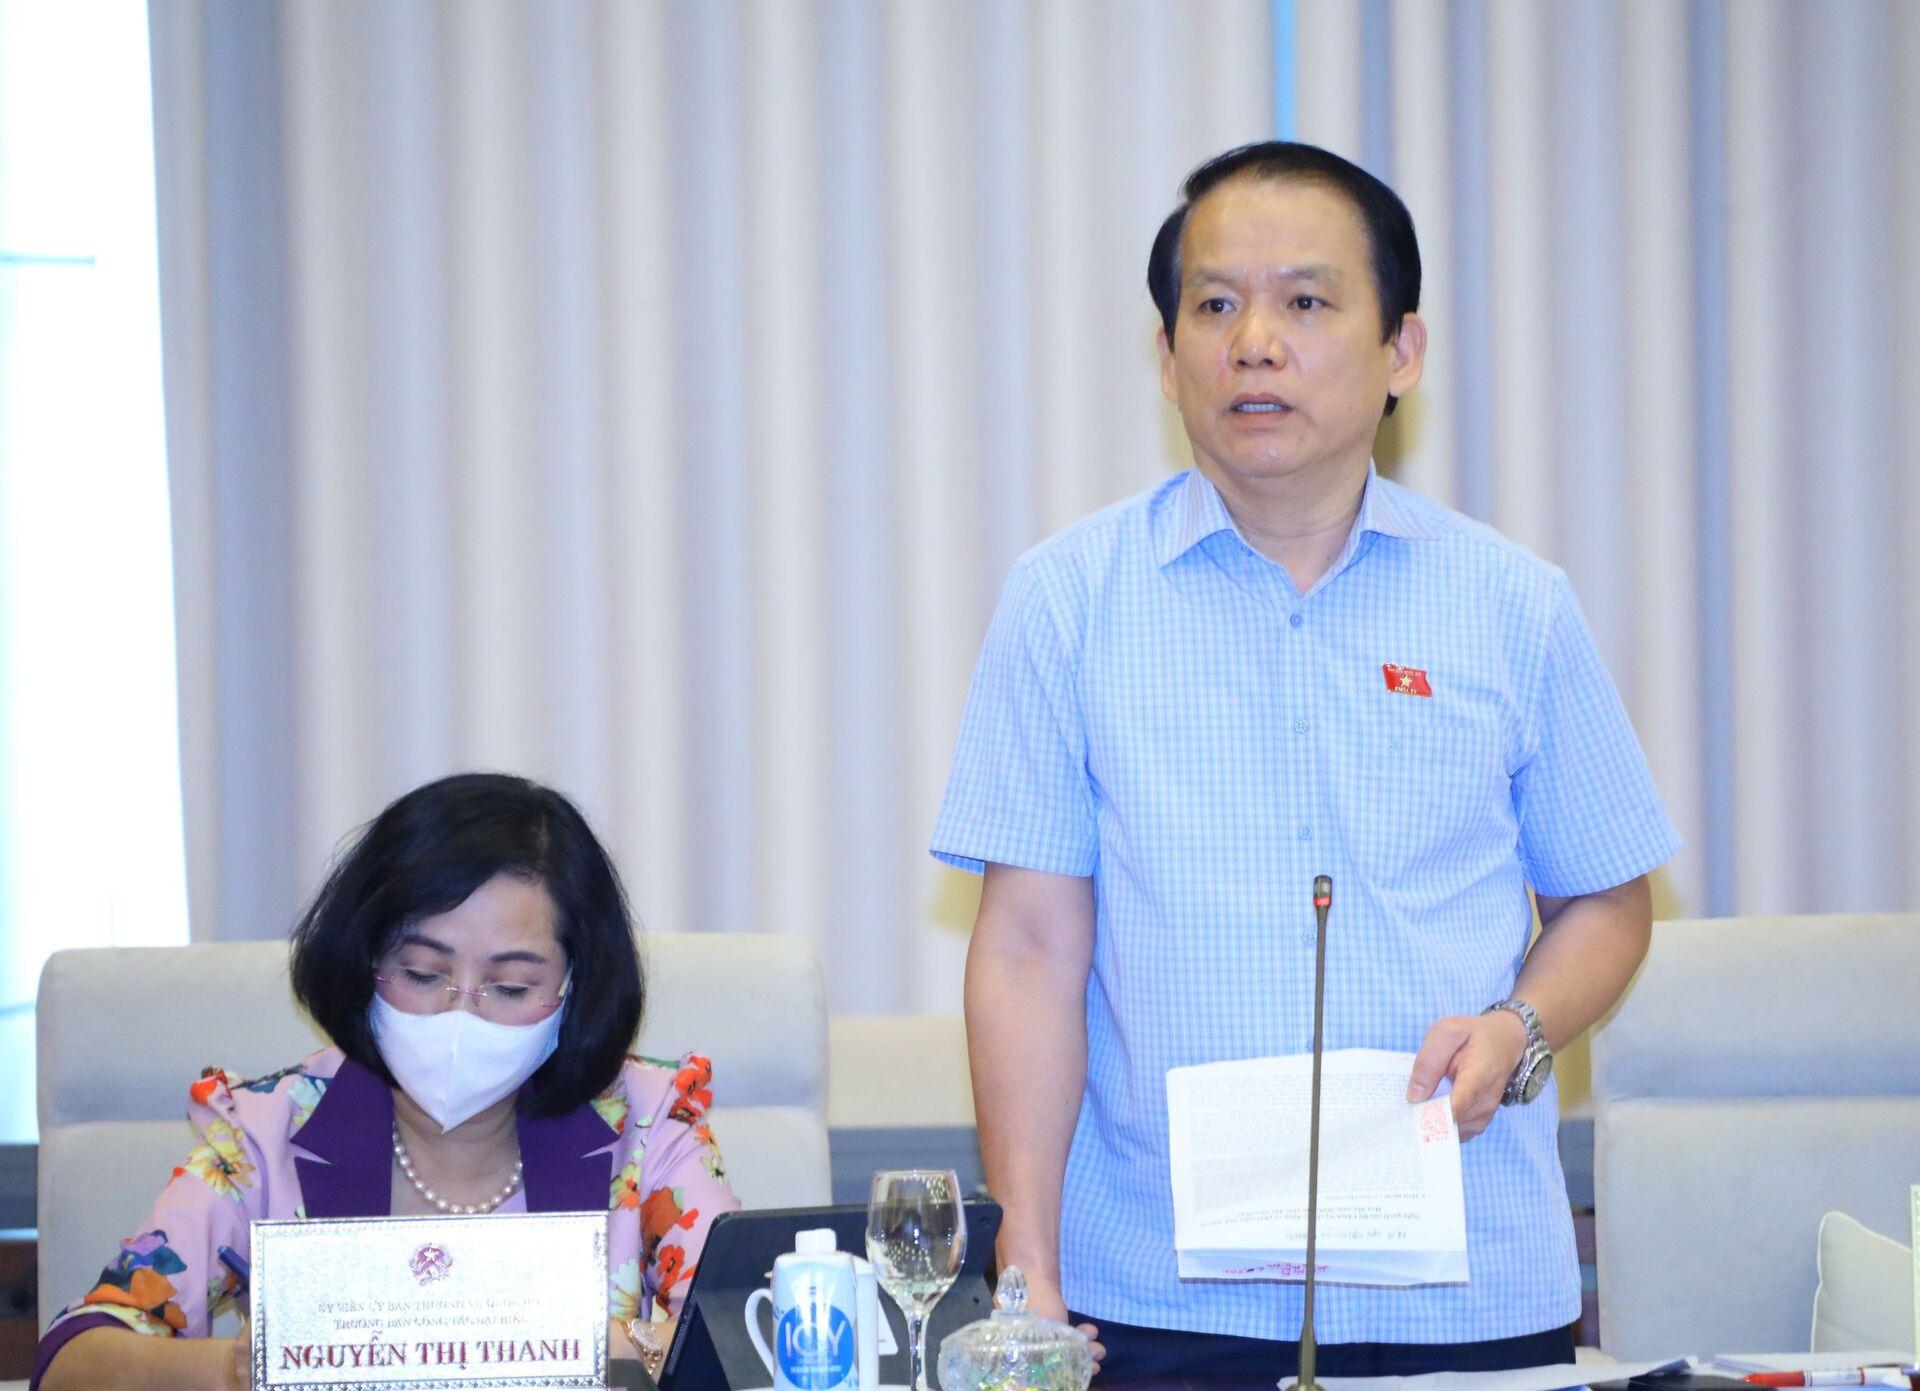 Chủ nhiệm Ủy ban Pháp luật của Quốc hội Hoàng Thanh Tùng phát biểu - Sputnik Việt Nam, 1920, 05.10.2021